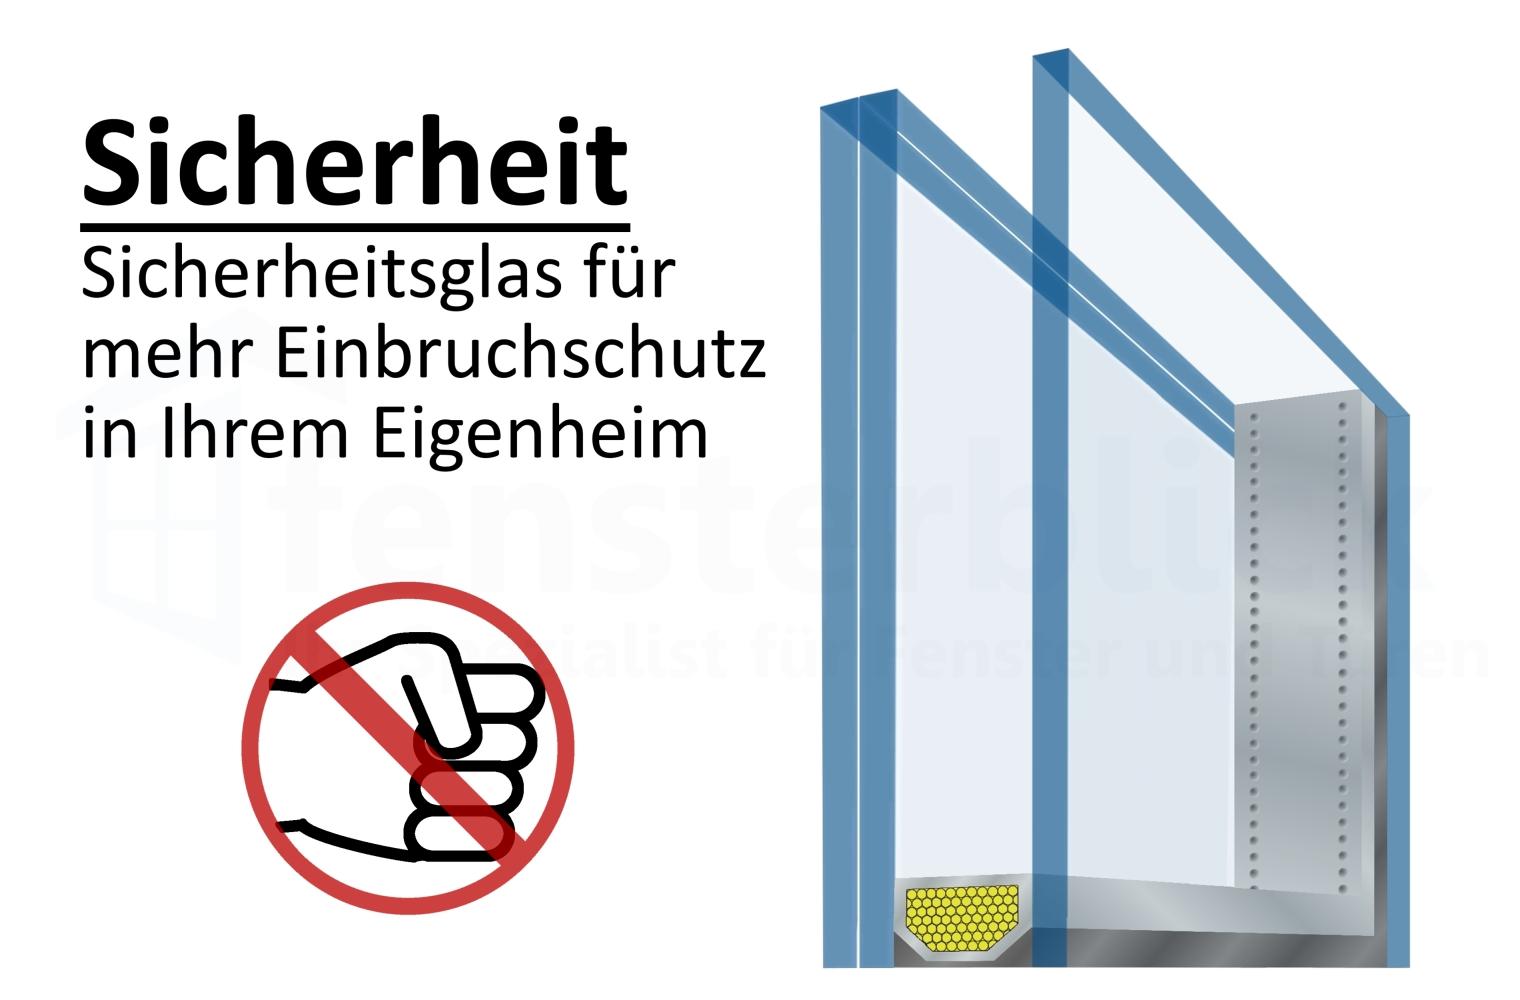 haustürsicherung | einbruchschutz verbessern - fensterblick.de